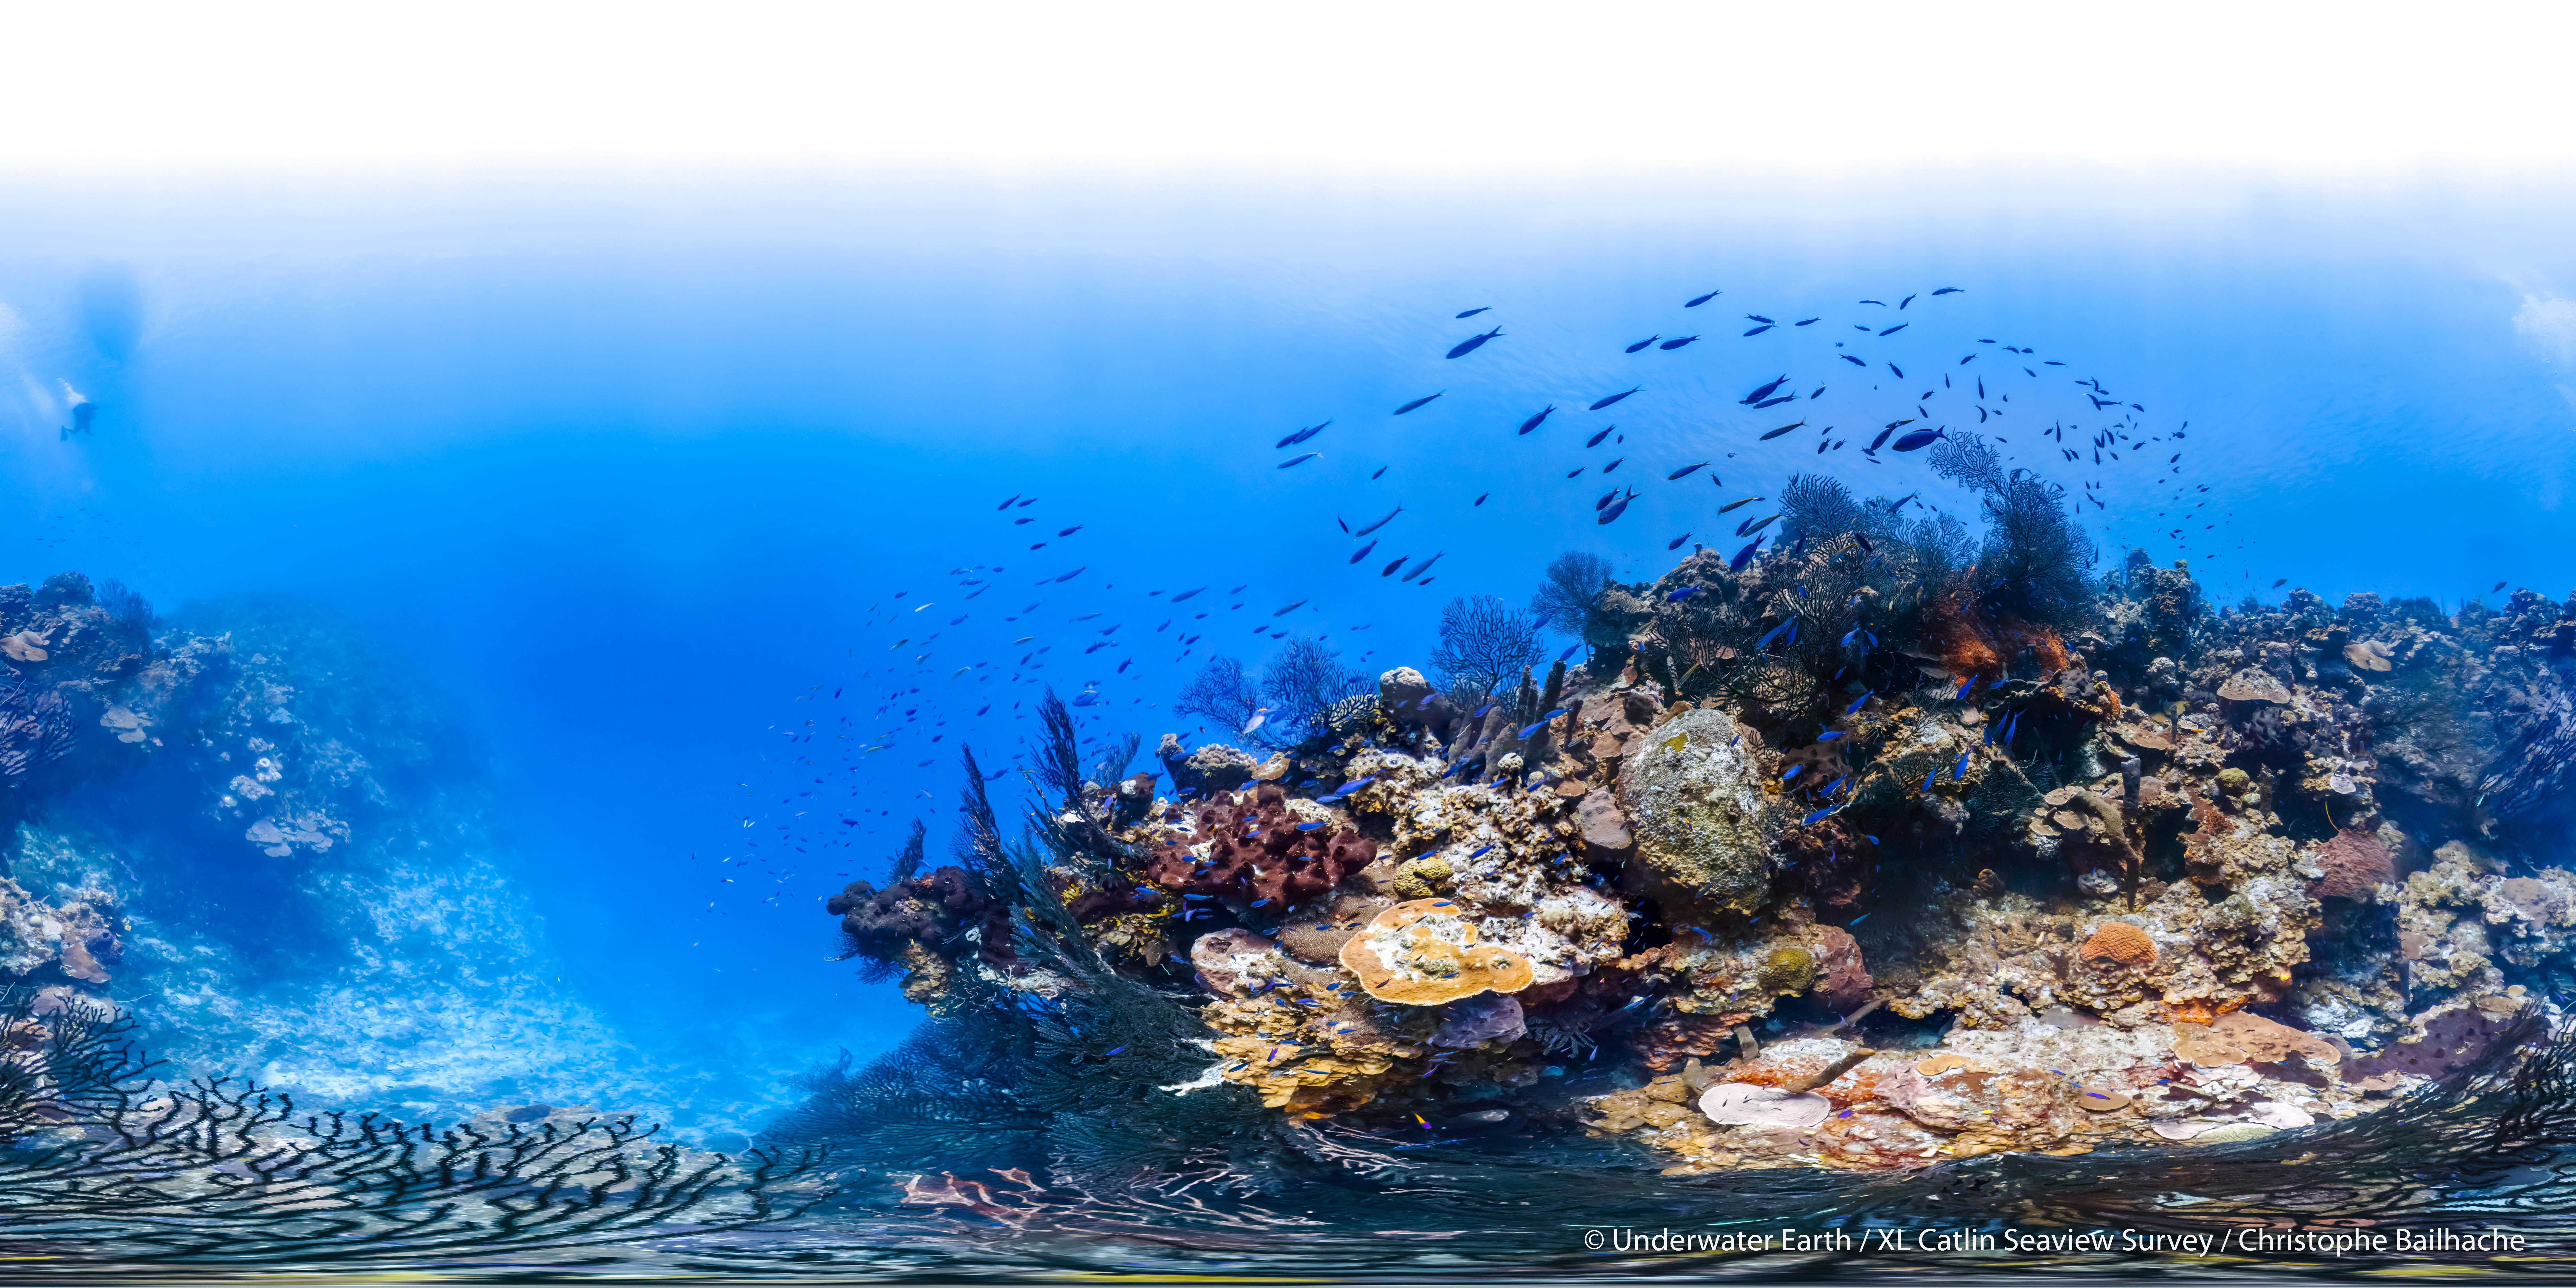 Bahamas on the Cusp of Making Long Island a Marine Protected ... on andros, bahamas, eleuthera bahamas, abaco bahamas, matthew town bahamas, san salvador bahamas, harbour island bahamas, ragged island, dean's blue hole, grand bahama, green turtle cay bahamas, paradise island, new providence, crooked island, hope town bahamas, inagua bahamas, grand cay bahamas, clarence town bahamas, freeport bahamas, rum cay bahamas, spanish wells bahamas, deadman's cay bahamas, cat island, berry islands, exuma bahamas, cat island bahamas, the bahamas, andros bahamas, ragged island bahamas, nassau bahamas, rum cay, half moon cay bahamas,